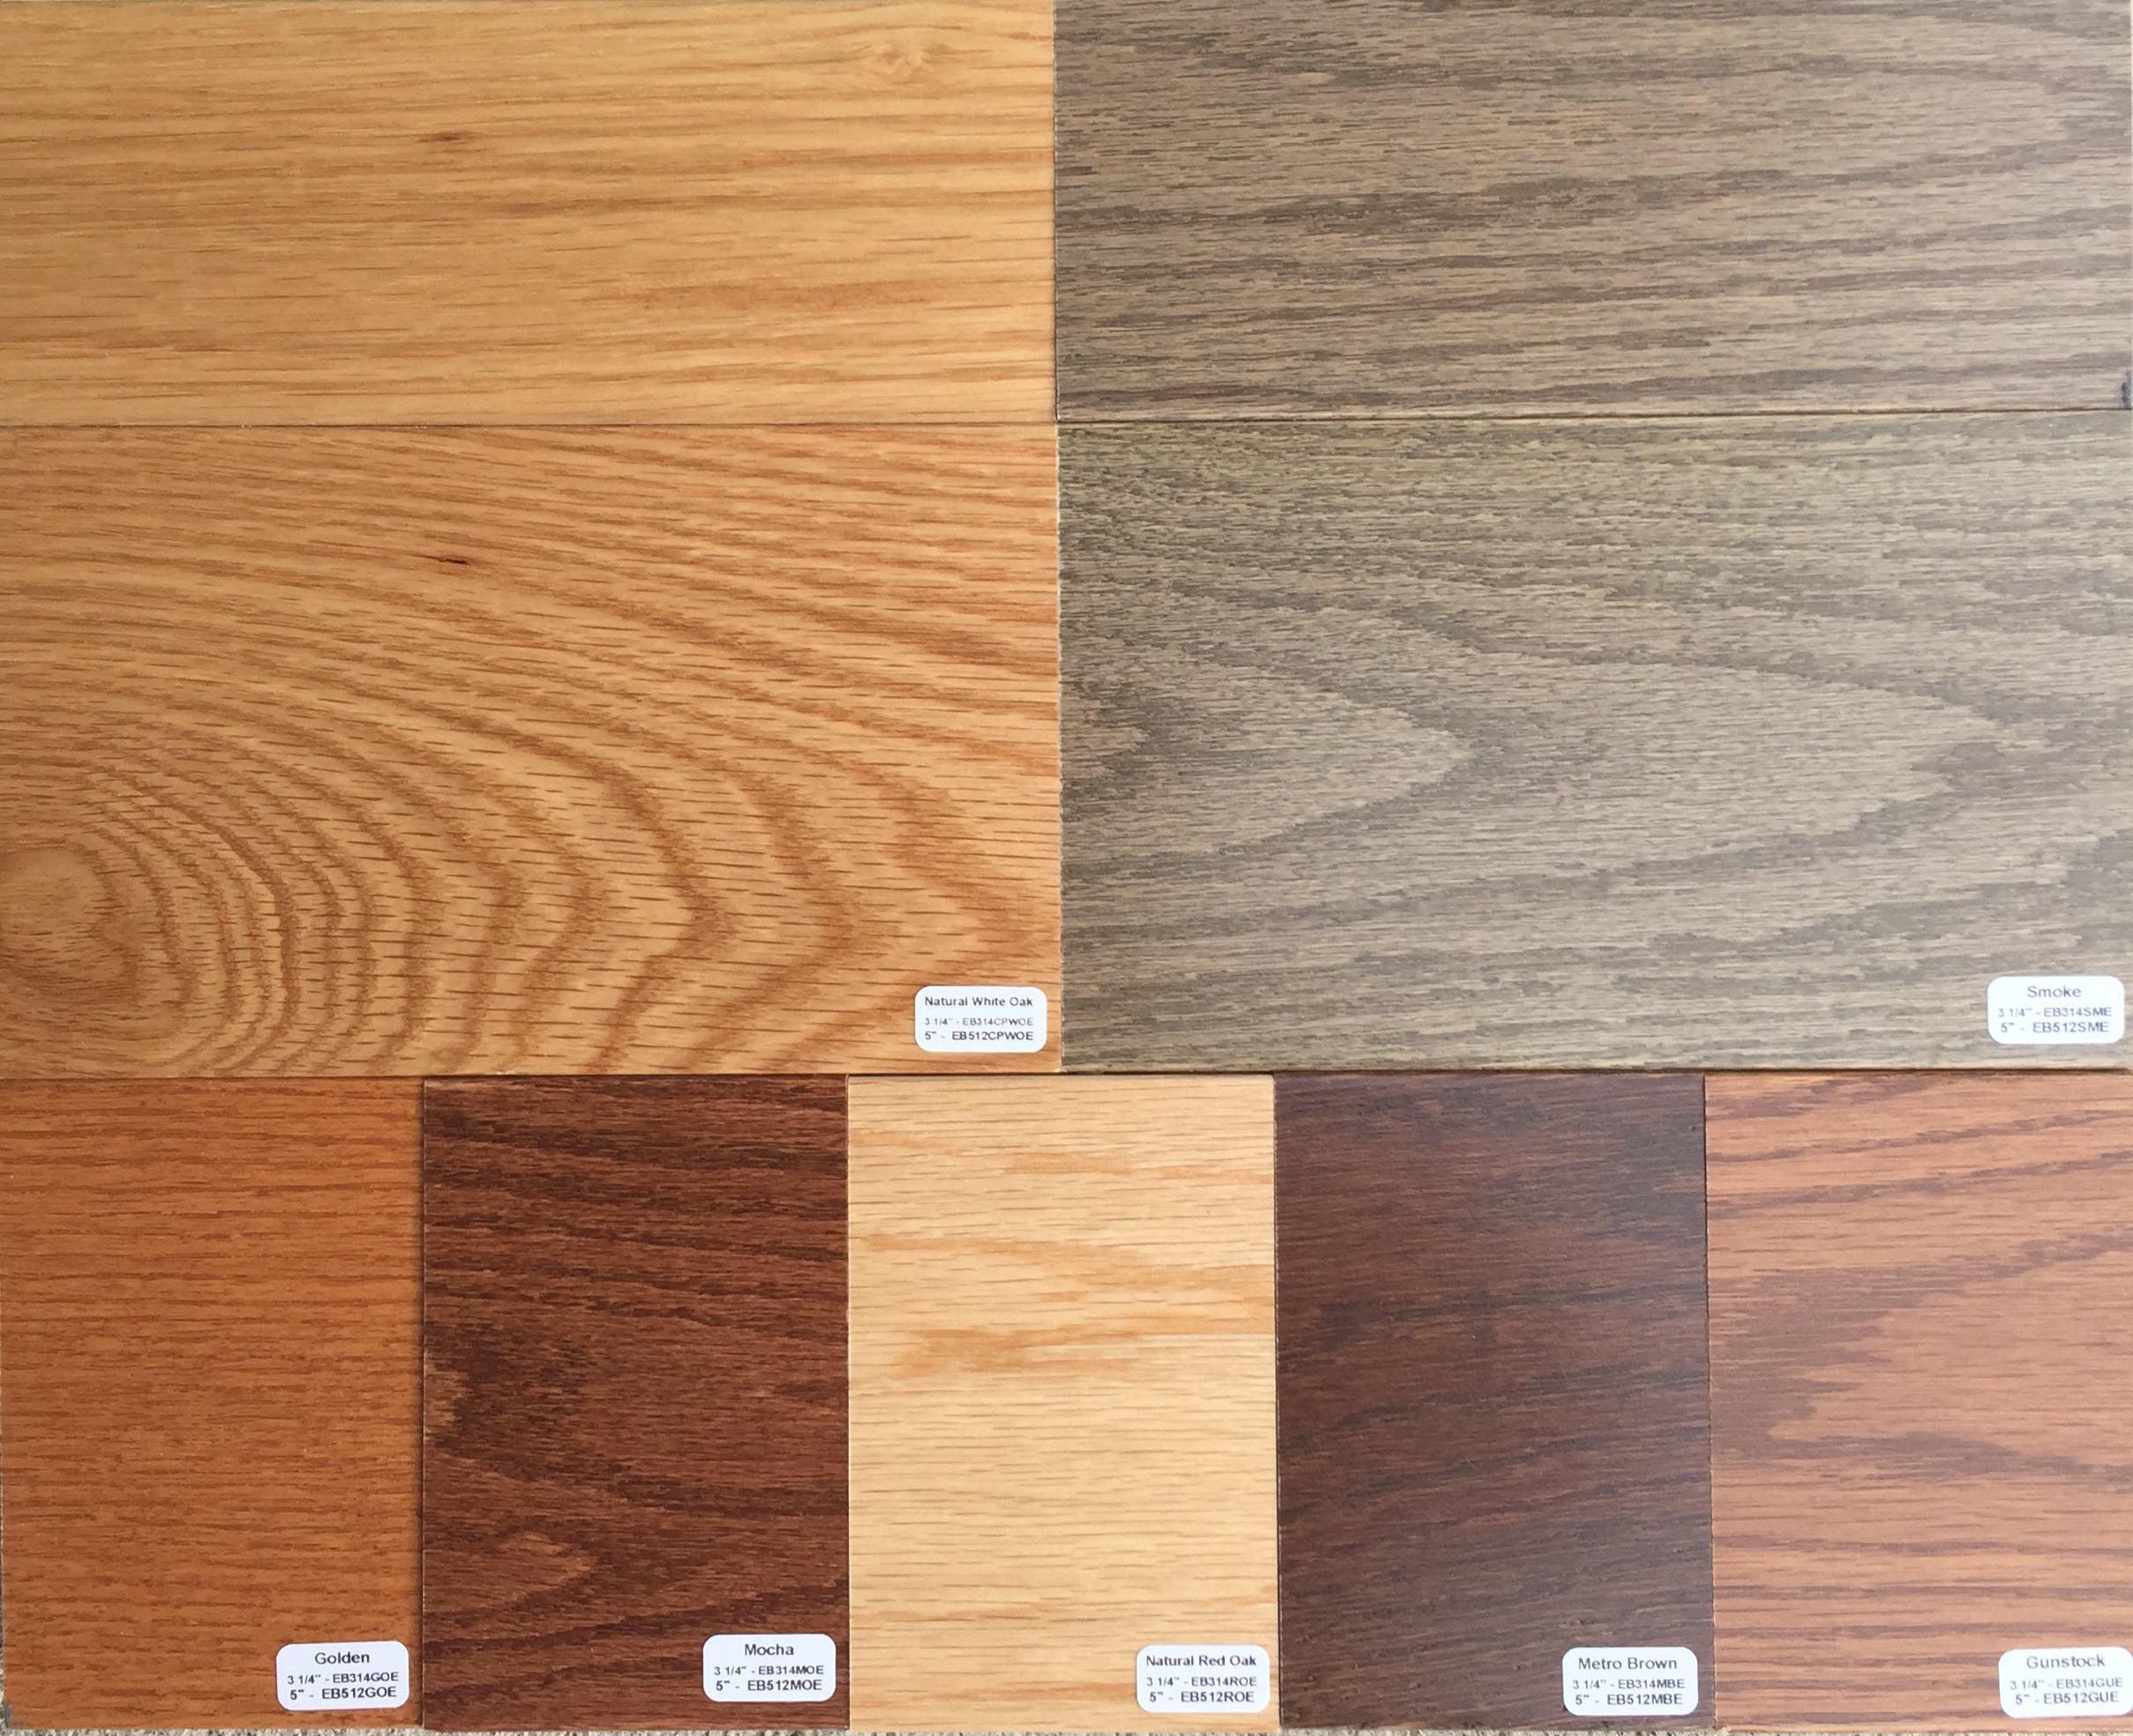 Somerset 1 2 Engineered Hardwood Builder Grade Special Price